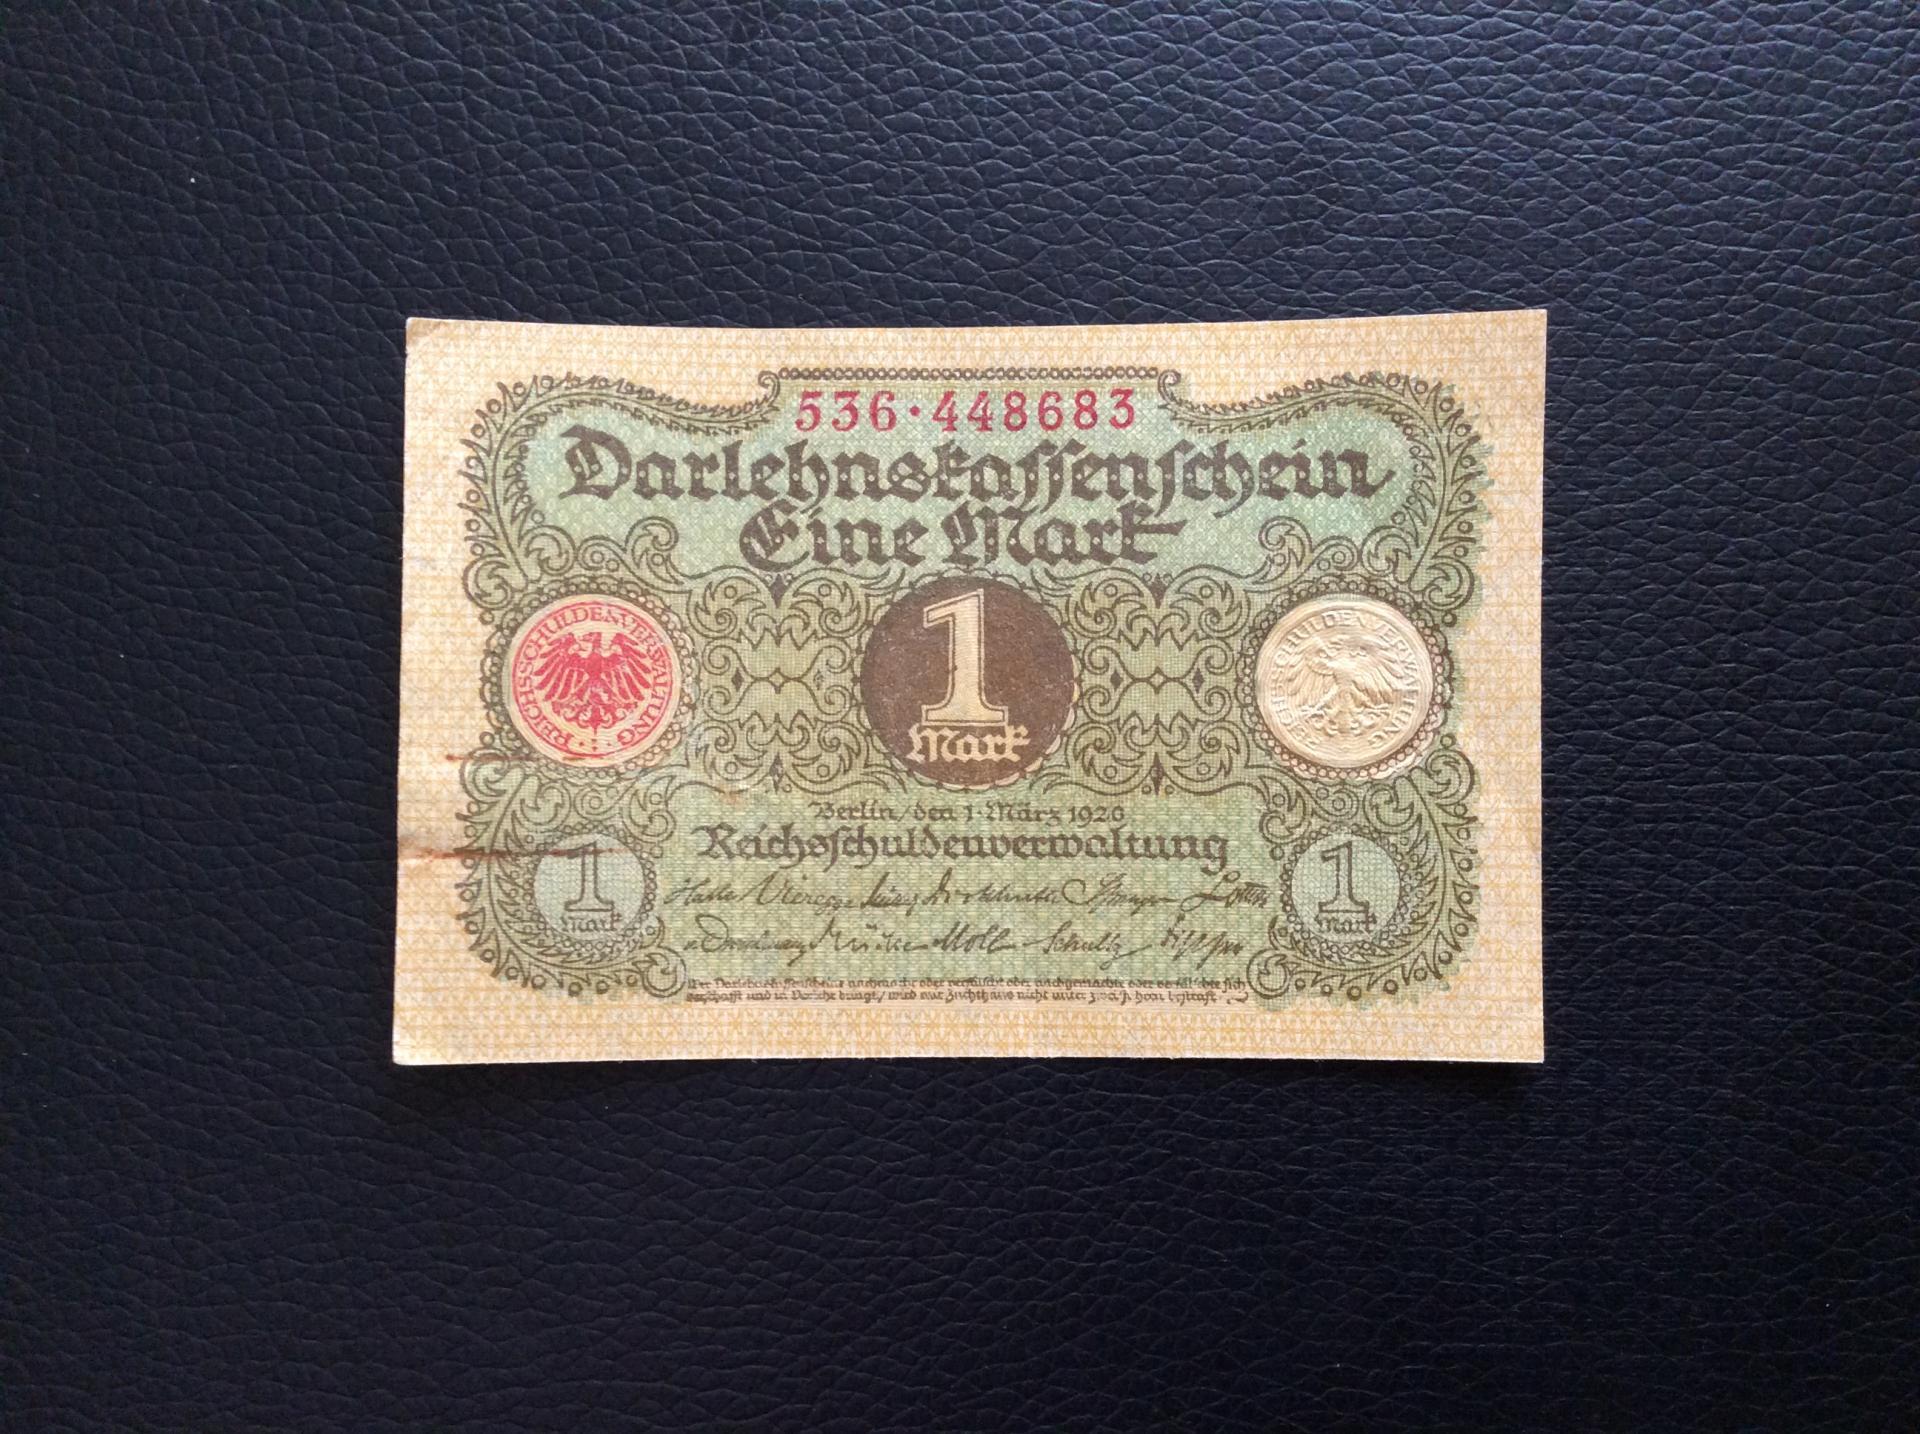 1 MARK 1920 - BERLÍN ALEMANIA - REICHSBANKNOTE